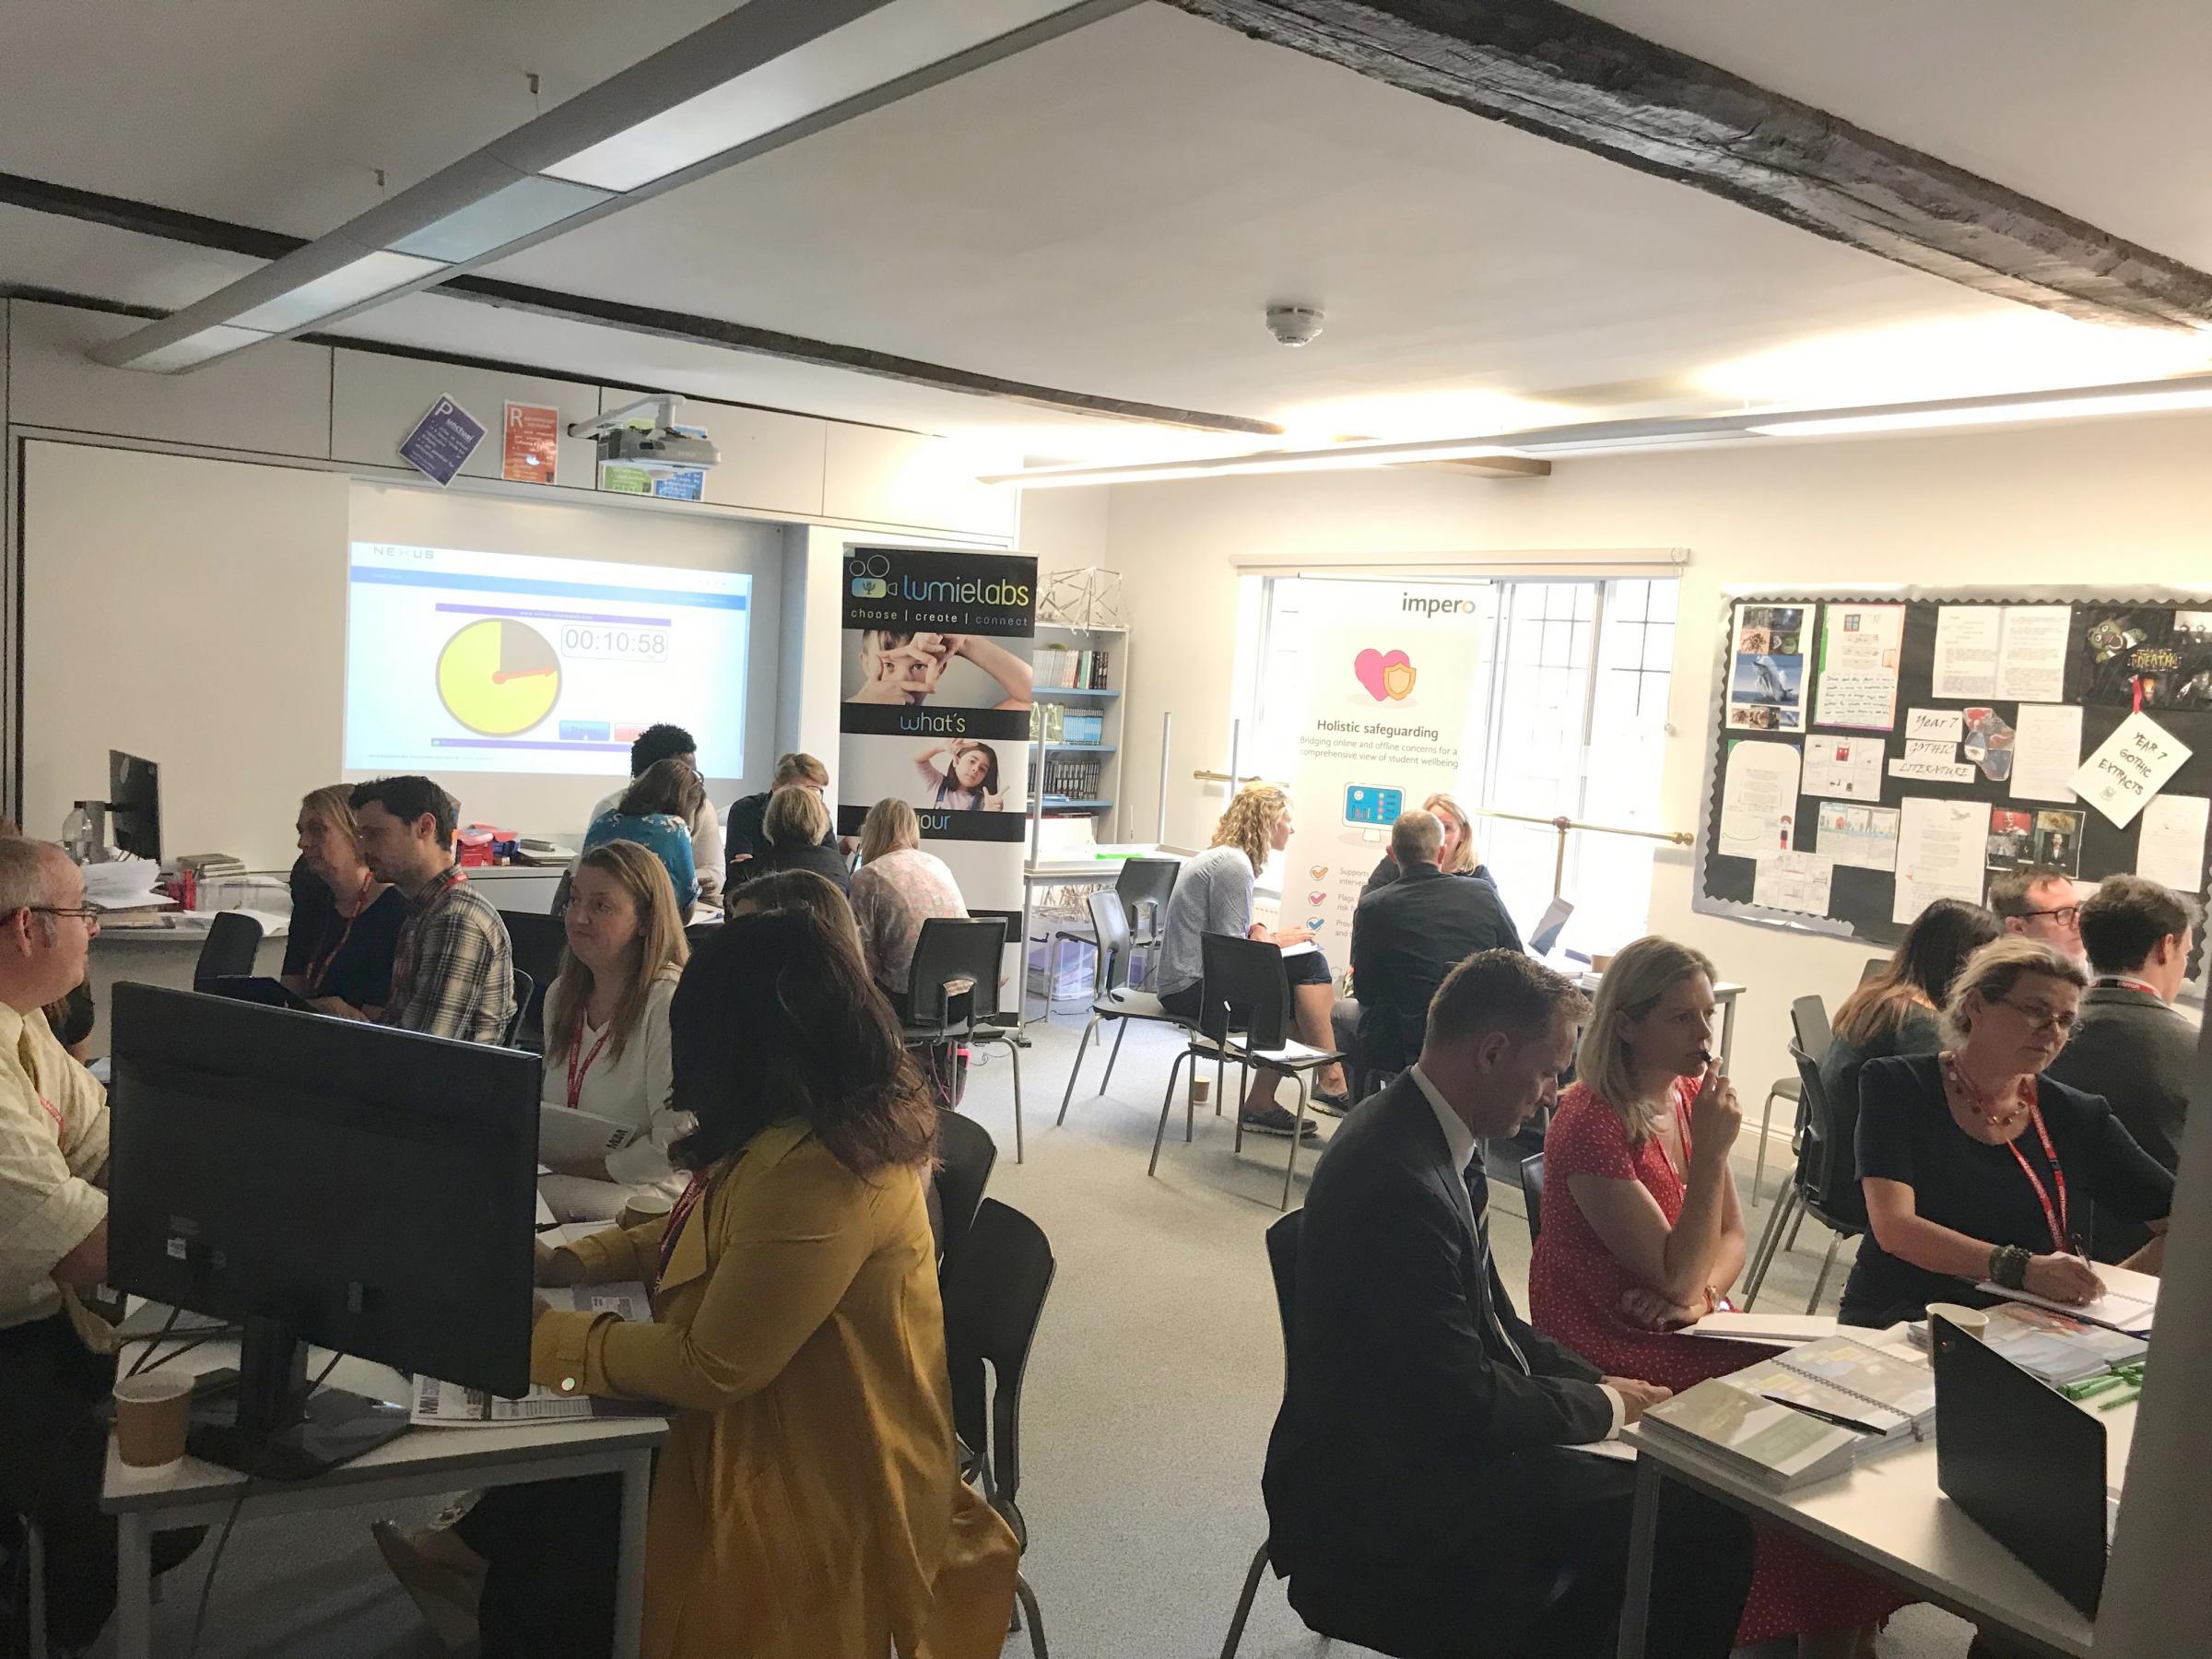 Flintshire community enterprise announces partnership plans for education scheme